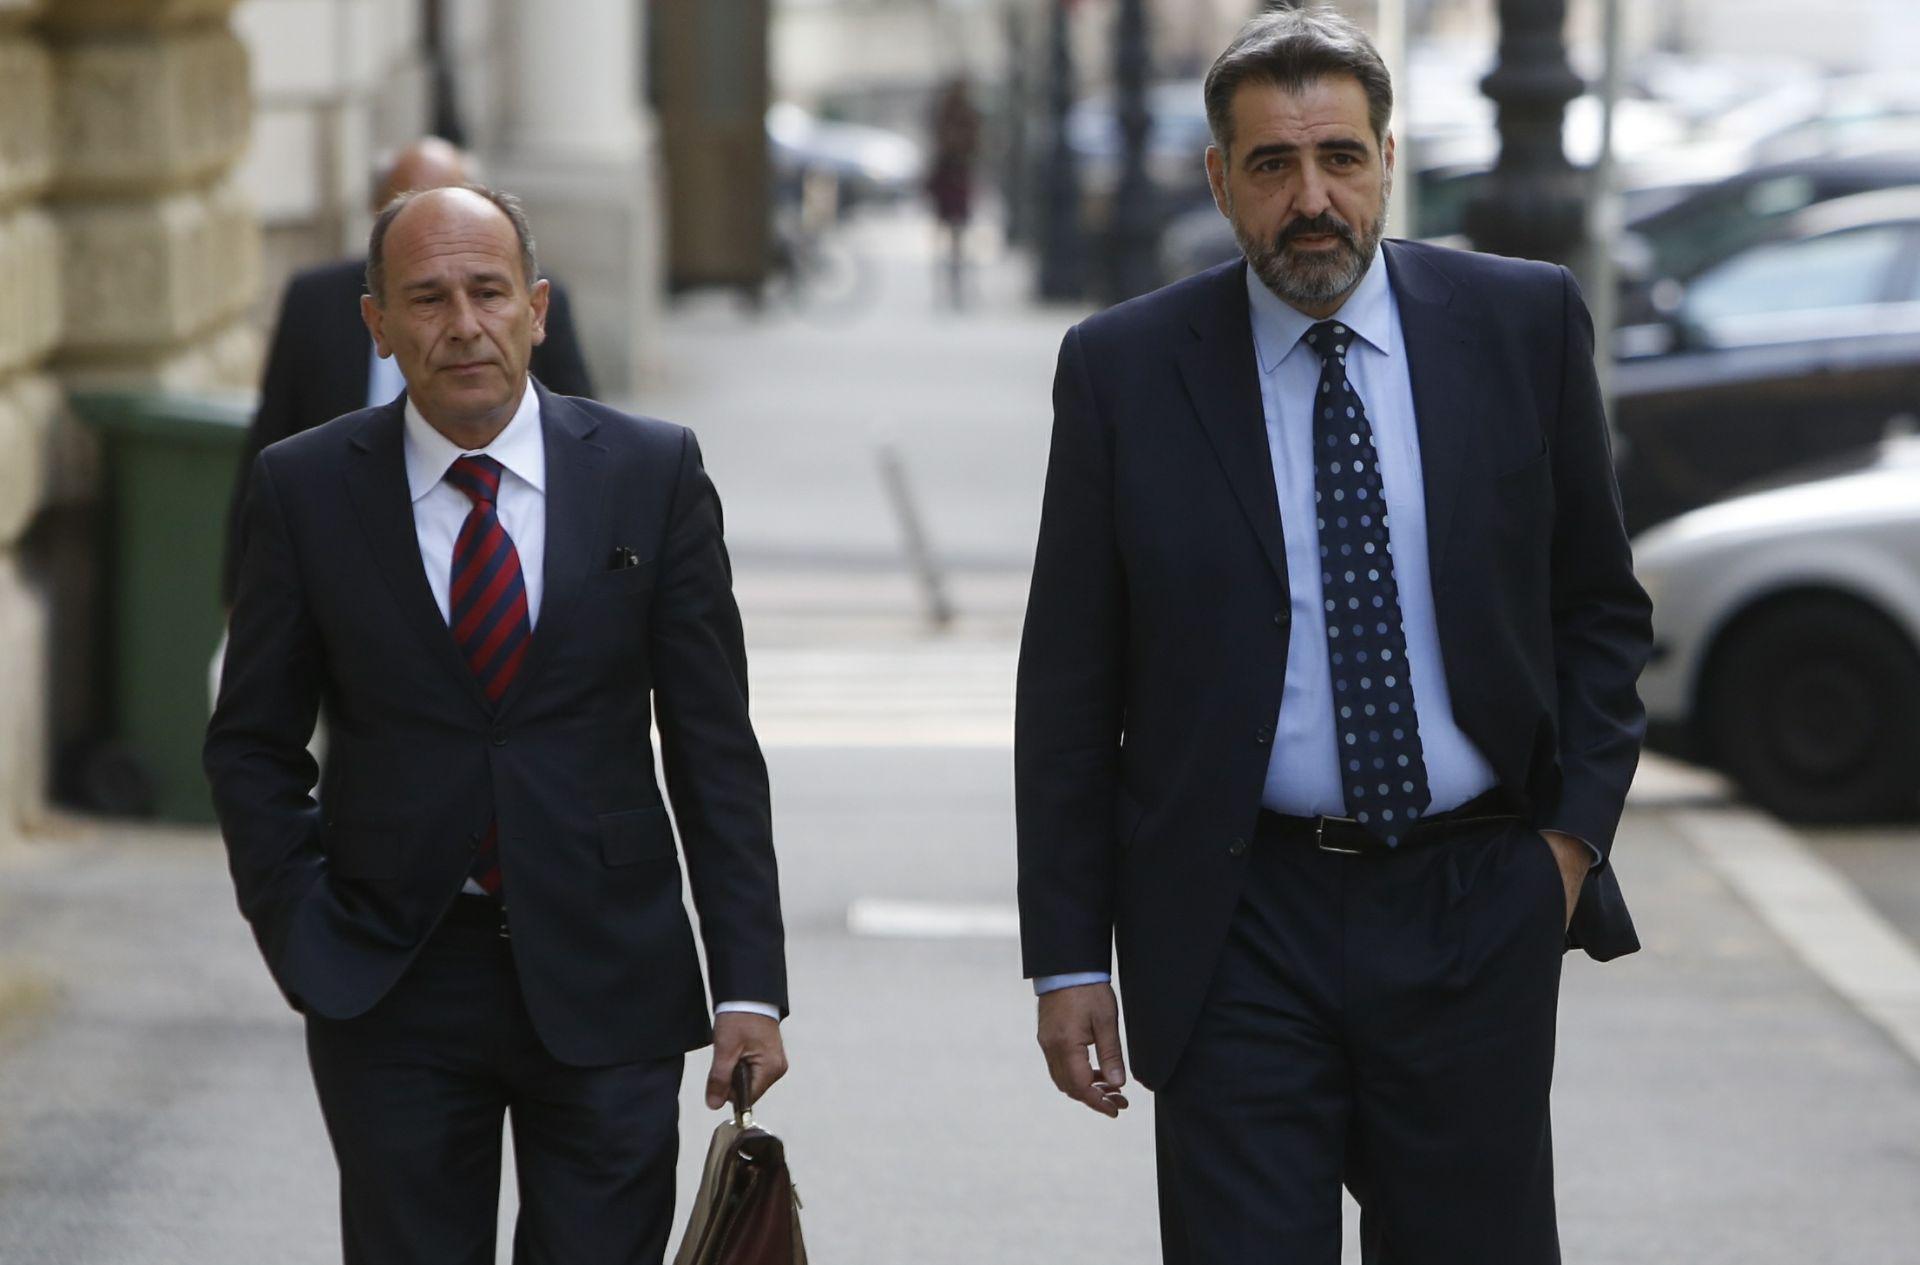 AFERA REMORKER: Vrhovni sud ponovno će odlučivati o zakonitosti dokaza